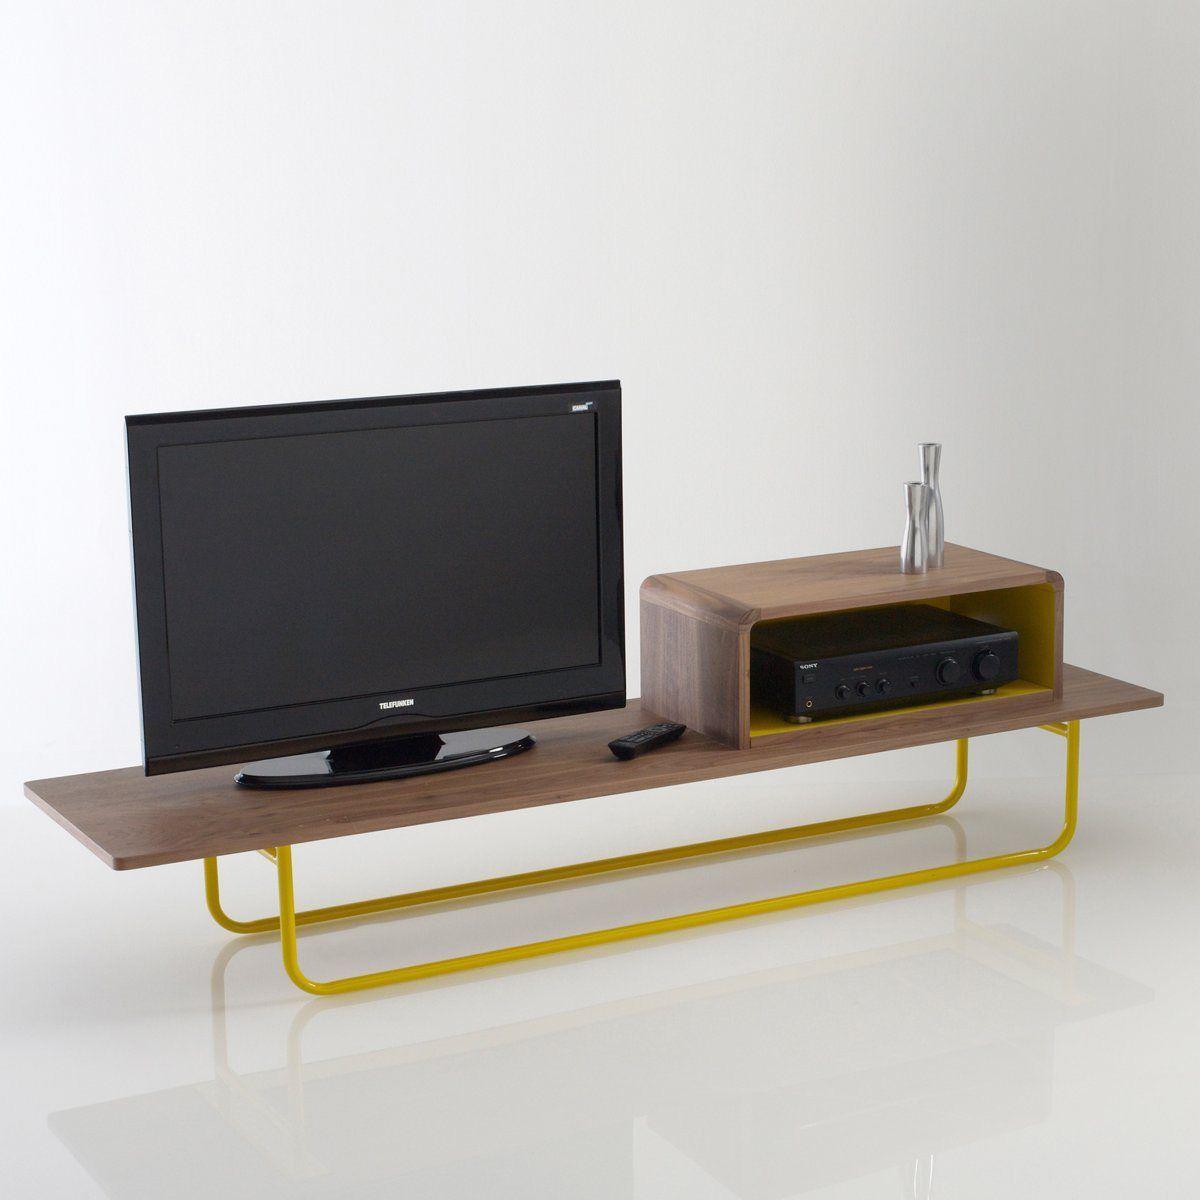 Meuble TV La Redoute promo Banc TV design Dan Yeffet pour Gallery